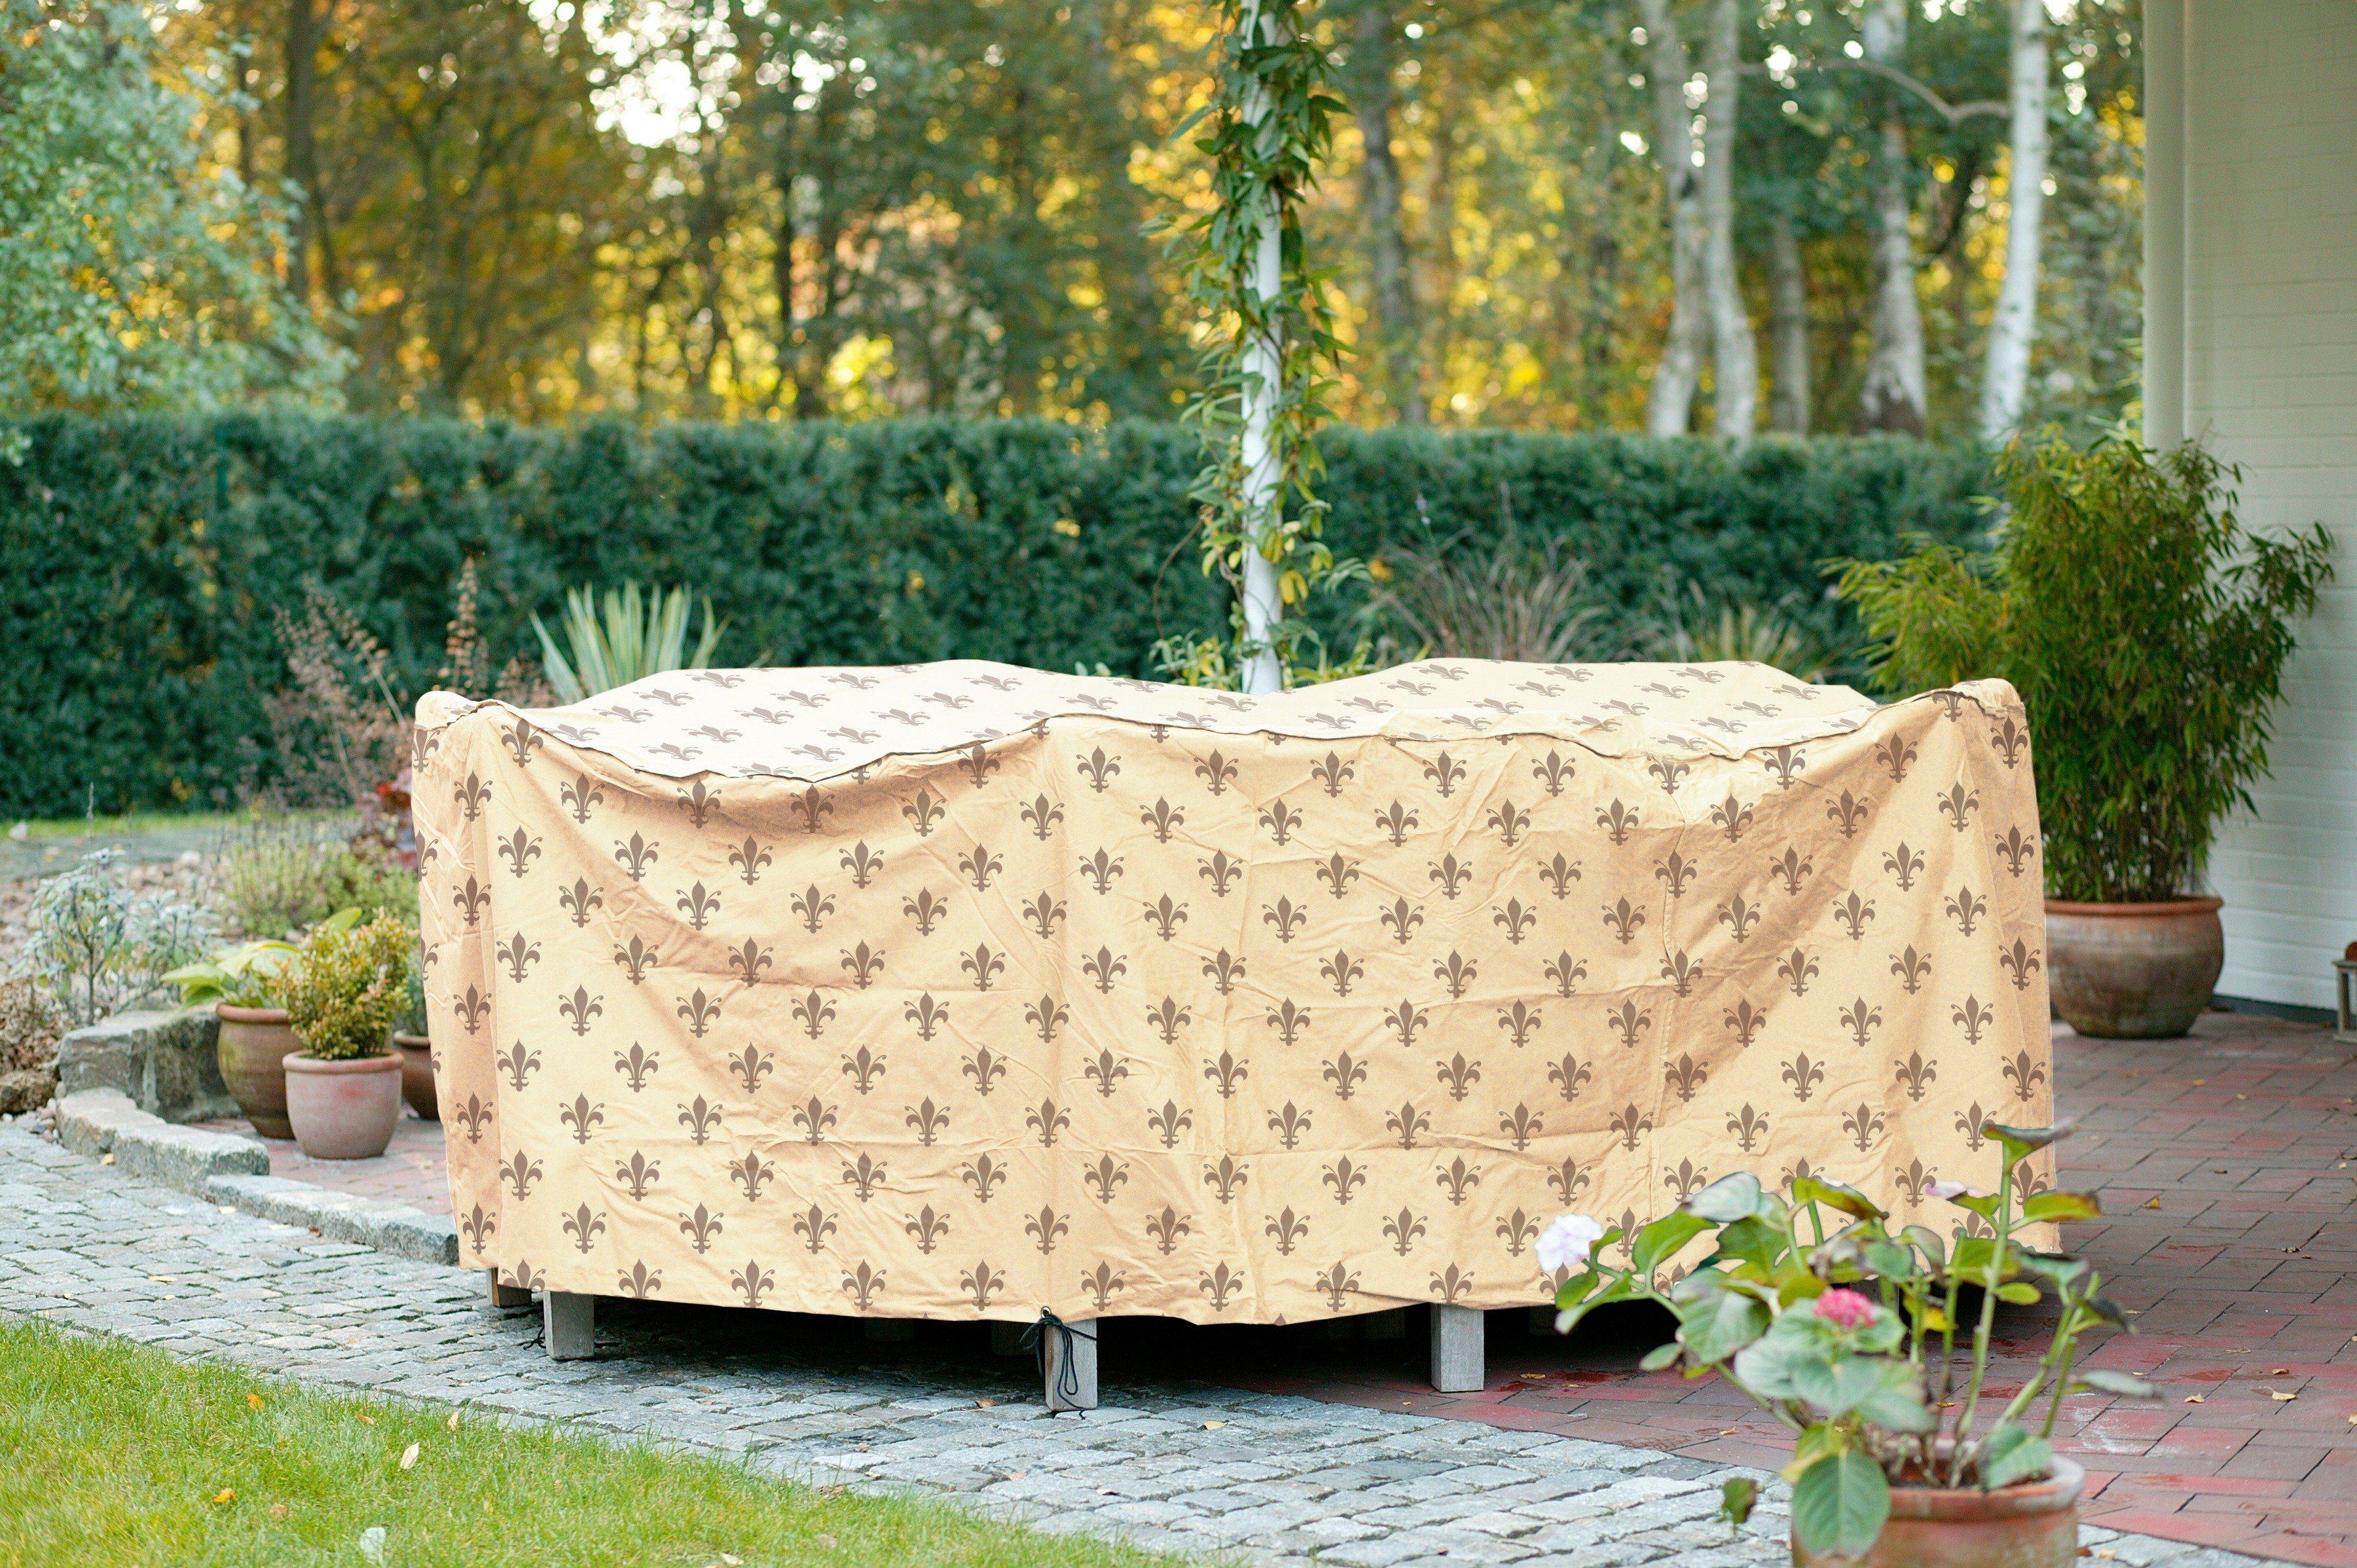 Videx Schutzhülle »Rund«, Gartenmöbelset, Ø 250 cm H 80 cm